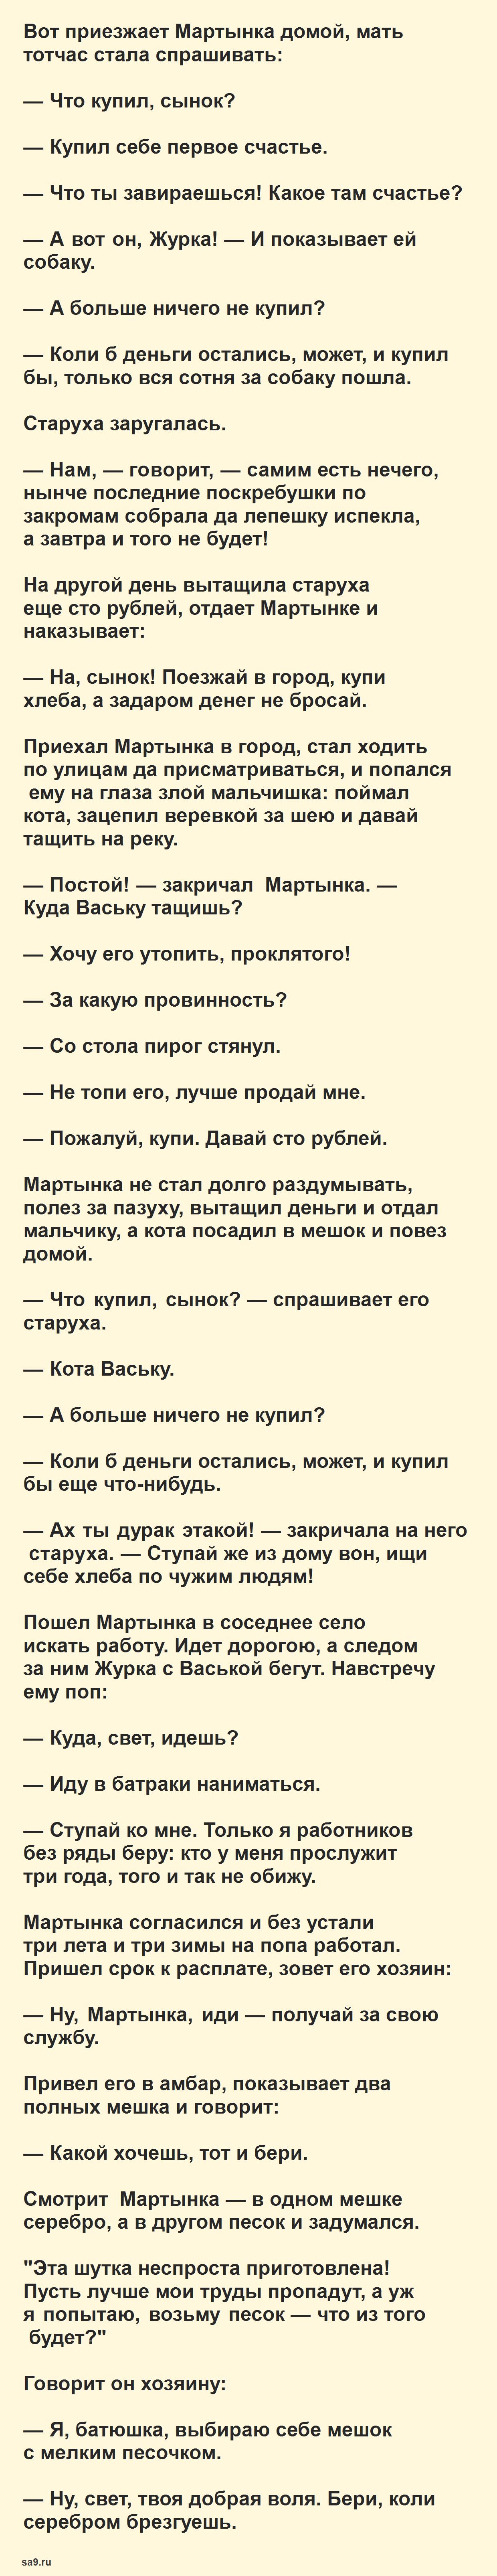 Русская народная сказка для детей – Волшебное кольцо